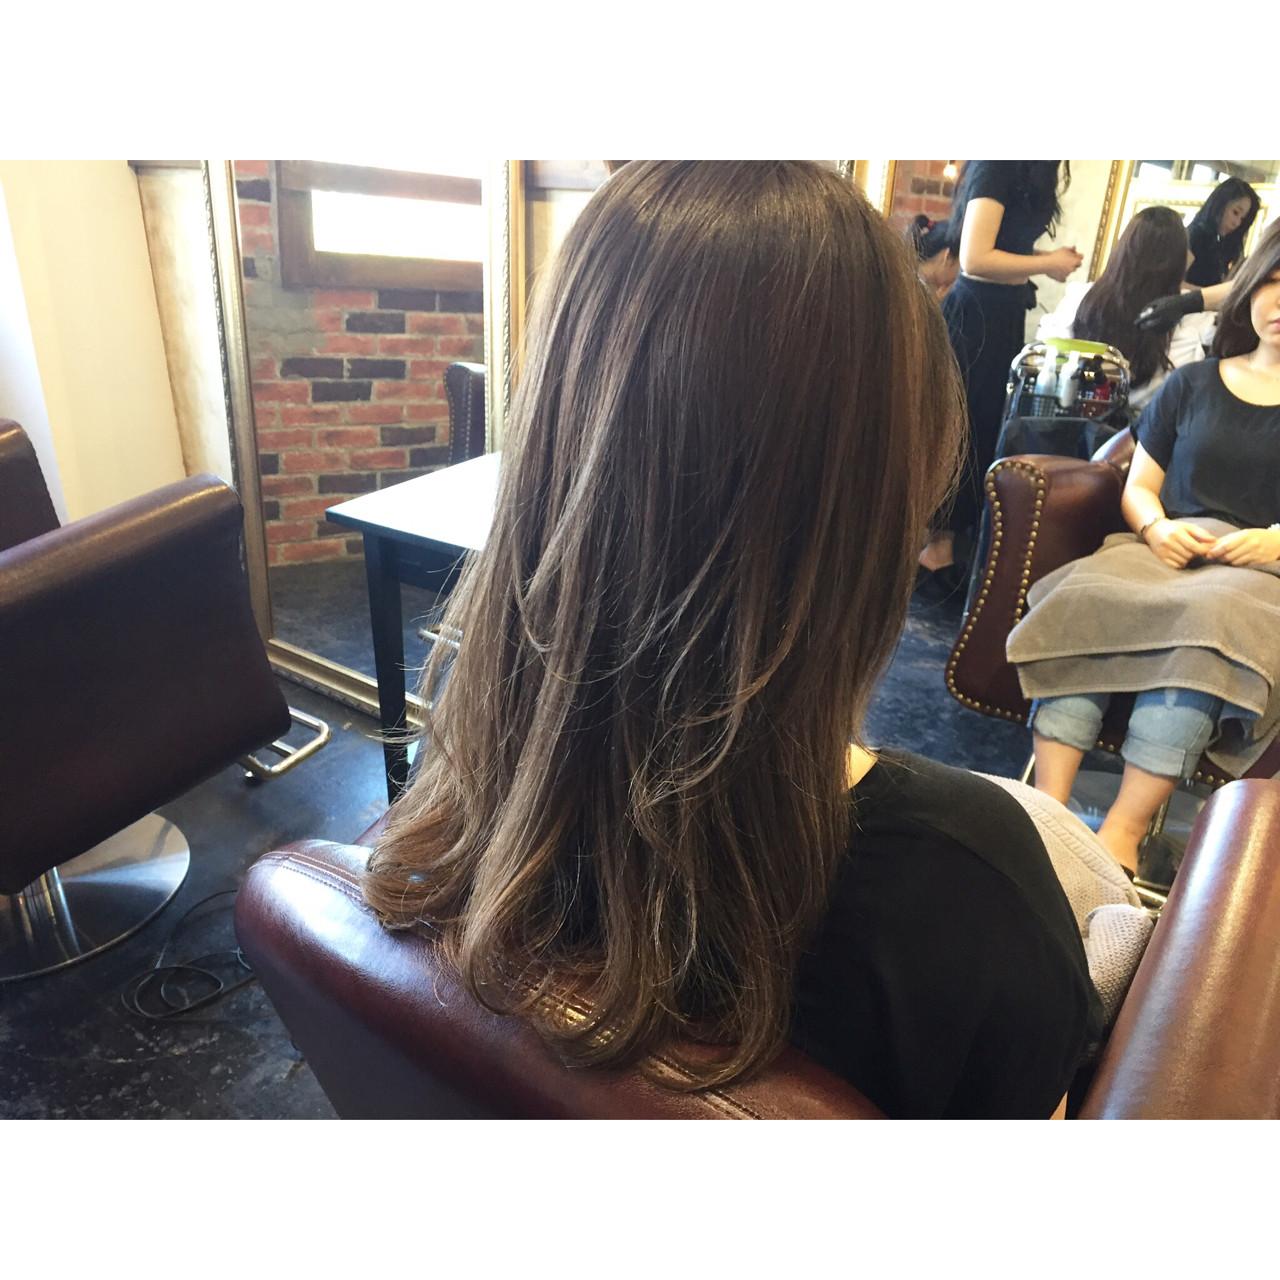 透明感 ブルージュ ラベンダーアッシュ ブラウン ヘアスタイルや髪型の写真・画像